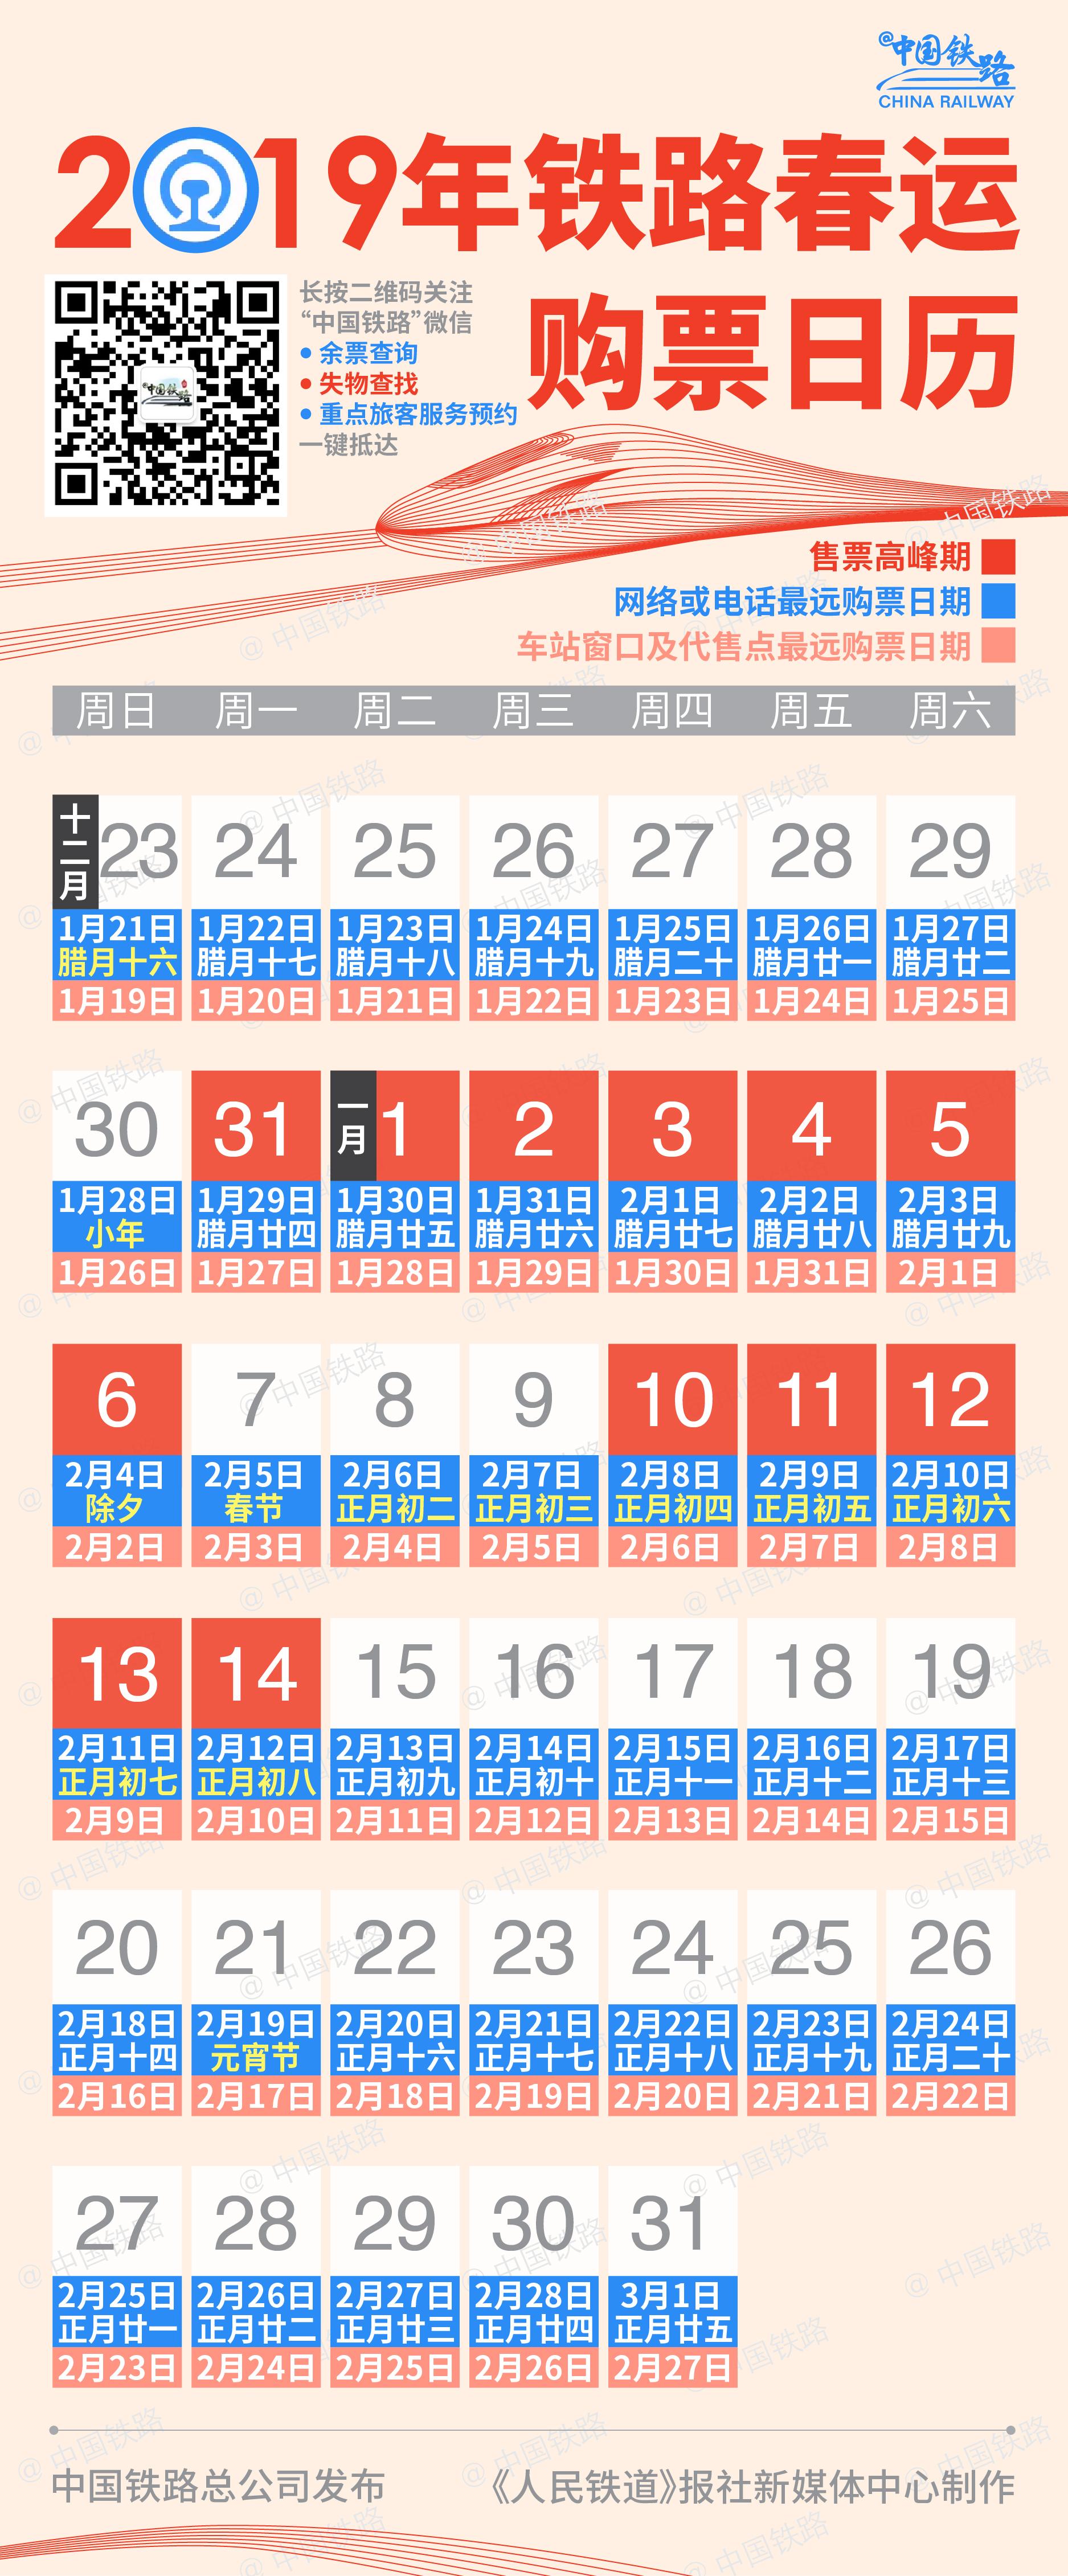 2019年春运购票日历